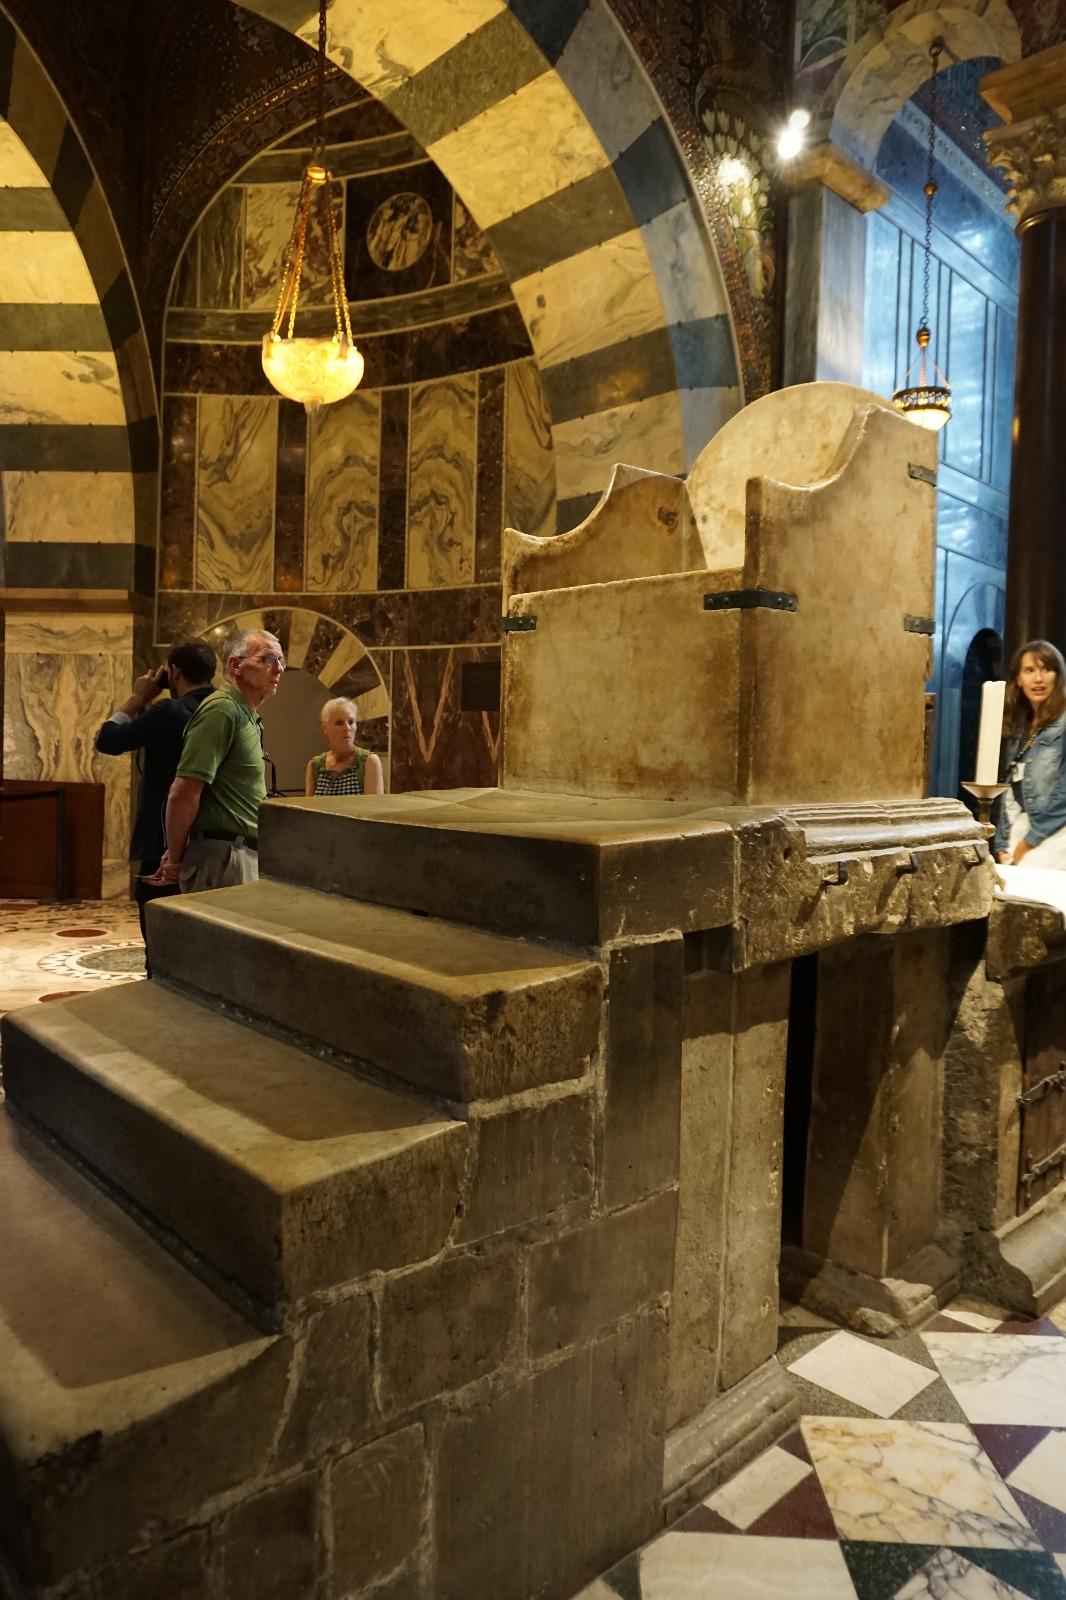 Trono construido por Carlomagno donde fueron coronados varios emperadores del sacro imperio romano germánico (dentro de la Iglesia)